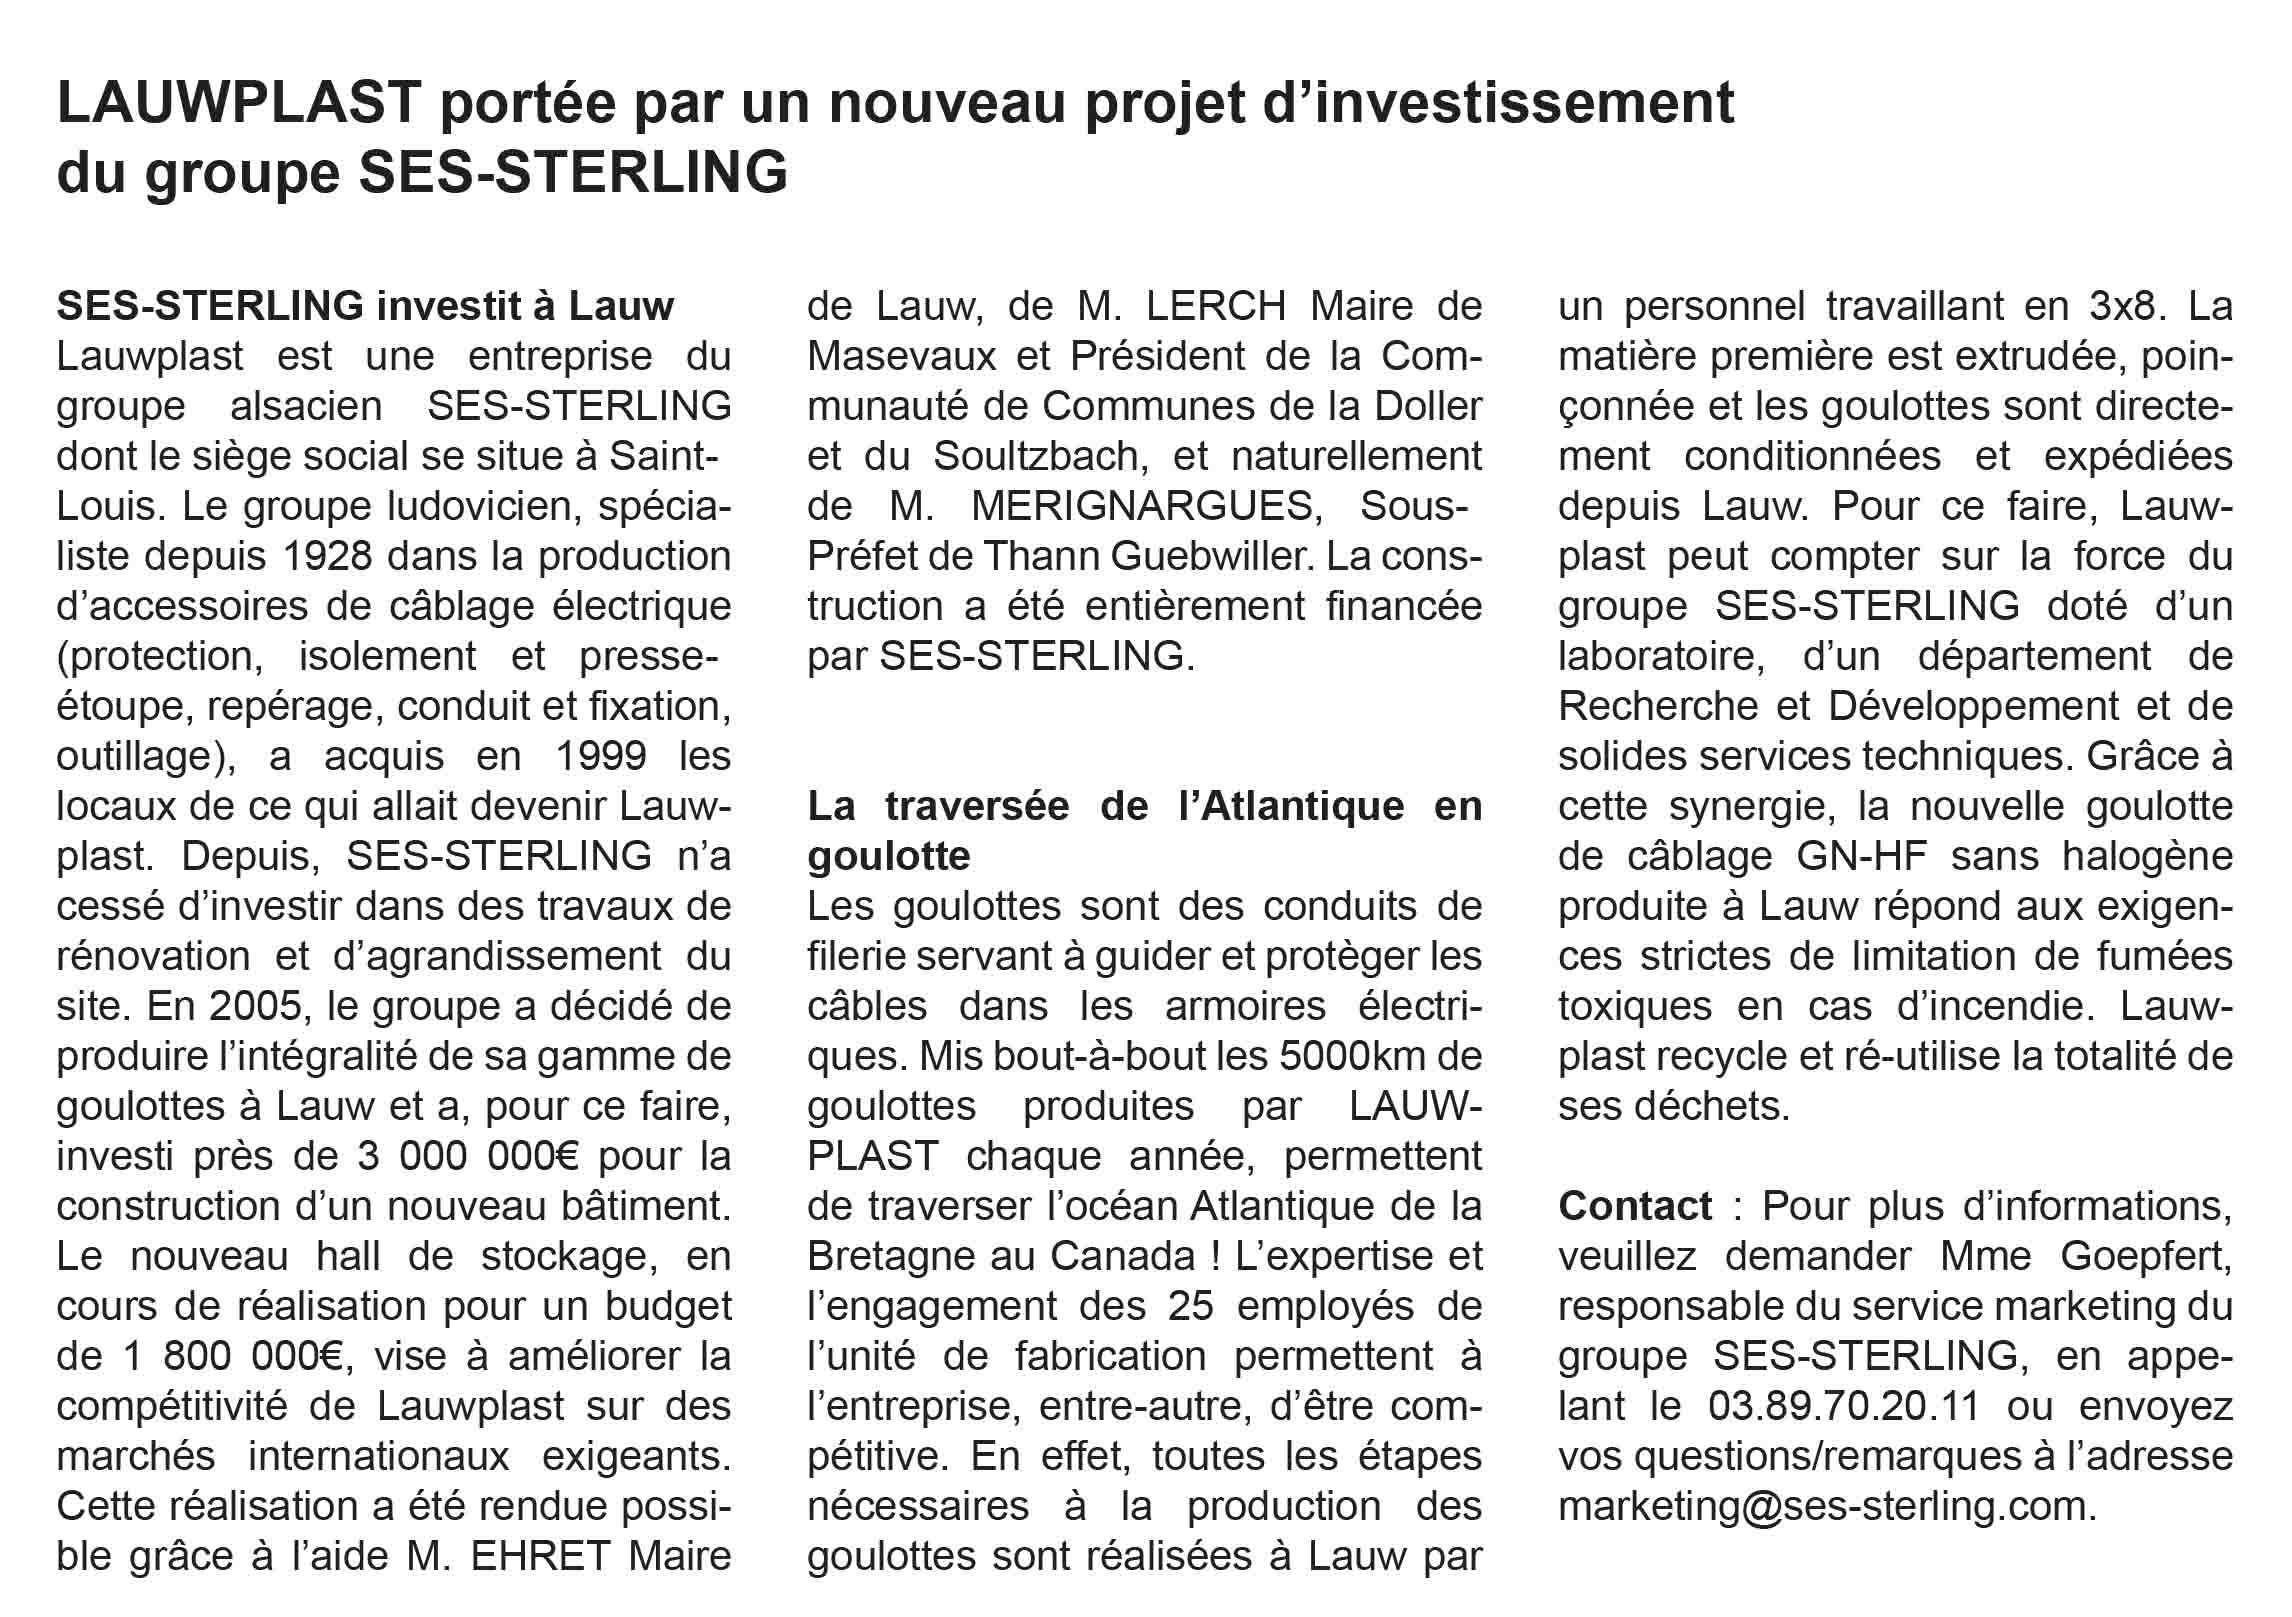 LAWPLAST - Un nouvel investissement (2017)